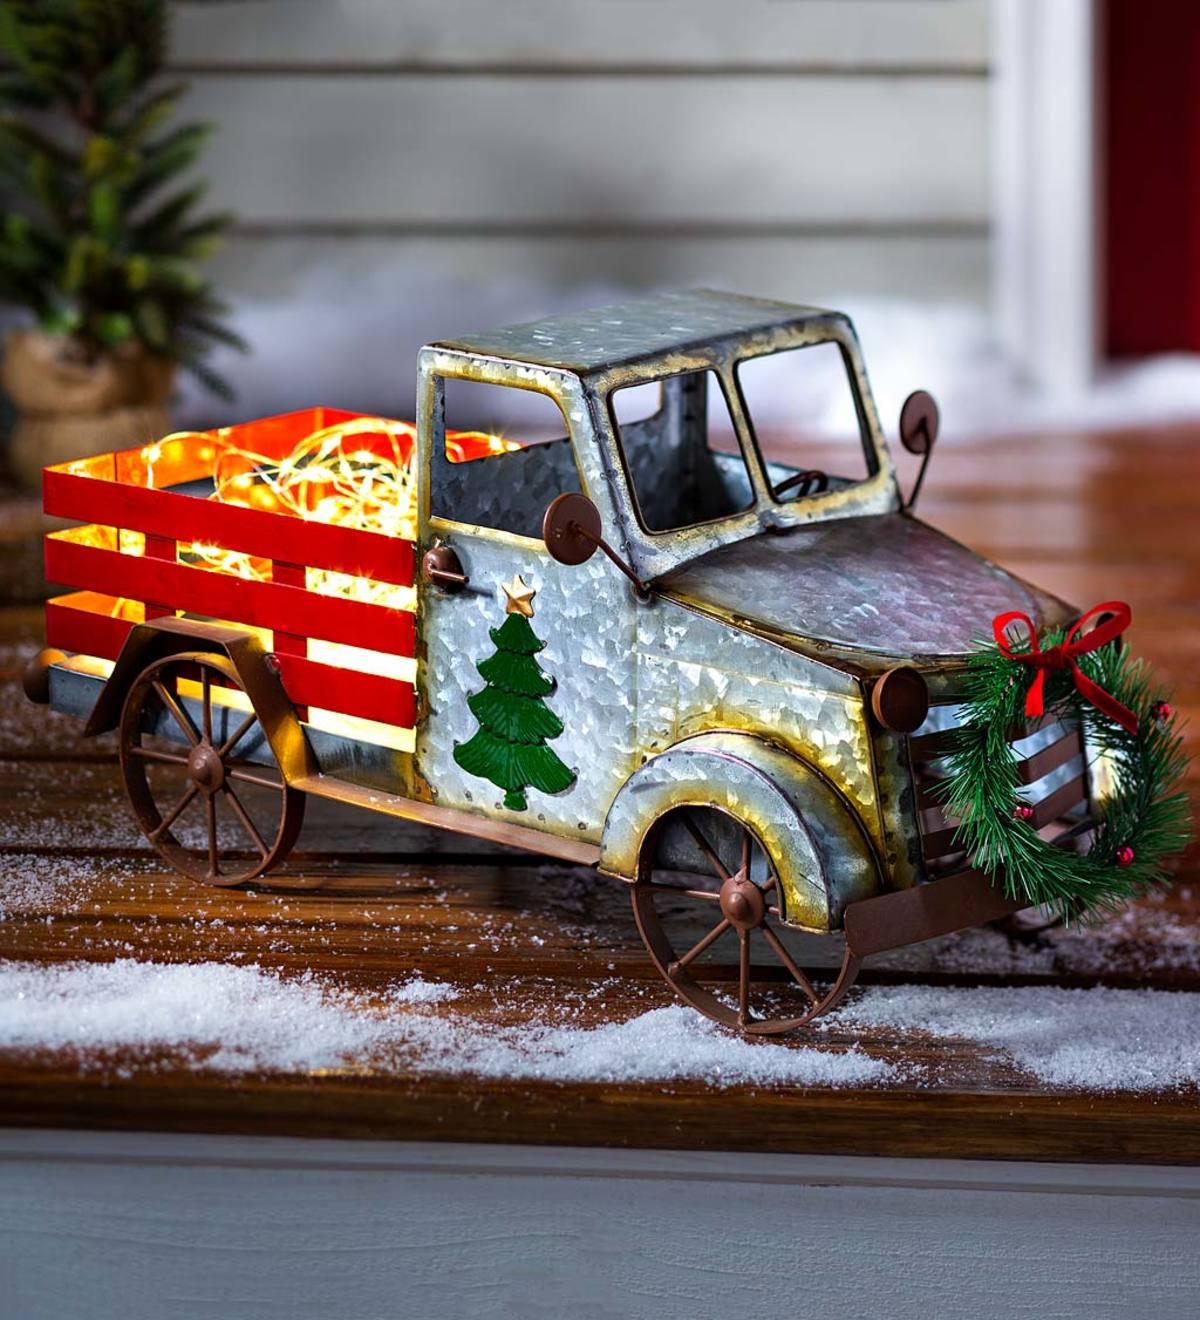 Exquisite Home Dekoration Auto Figur Sammler Spielzeug Weihnachten Handwerk Vintage Roten LKW Rotes Metall Rustikalen Pickup Und Kiefer Modell HEITIGN Weihnachten LKW Spielzeug